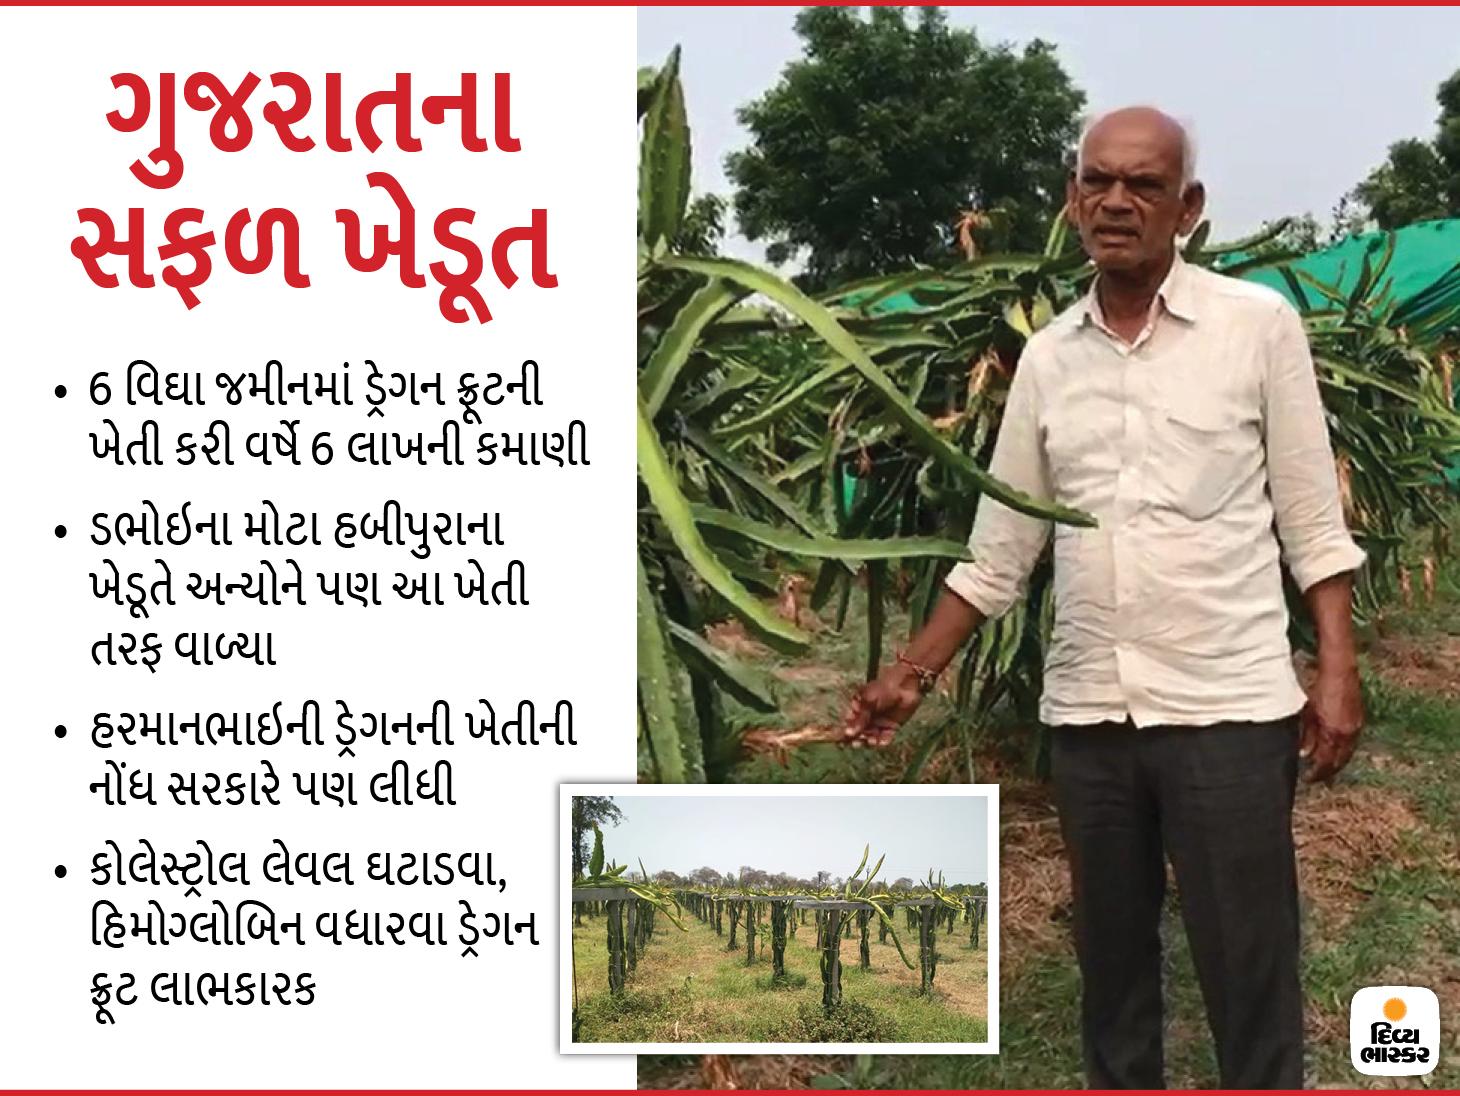 ચાઇનીઝ ફળ ગણાતા ડ્રેગન ફ્રૂટની મોદીના ગુજરાતમાં ખેતીઃ ડભોઈના ખેડૂત 6 વીઘાના પાકમાં વર્ષે મેળવે છે 6 લાખનો નફો ઓરિજિનલ,DvB Original - Divya Bhaskar